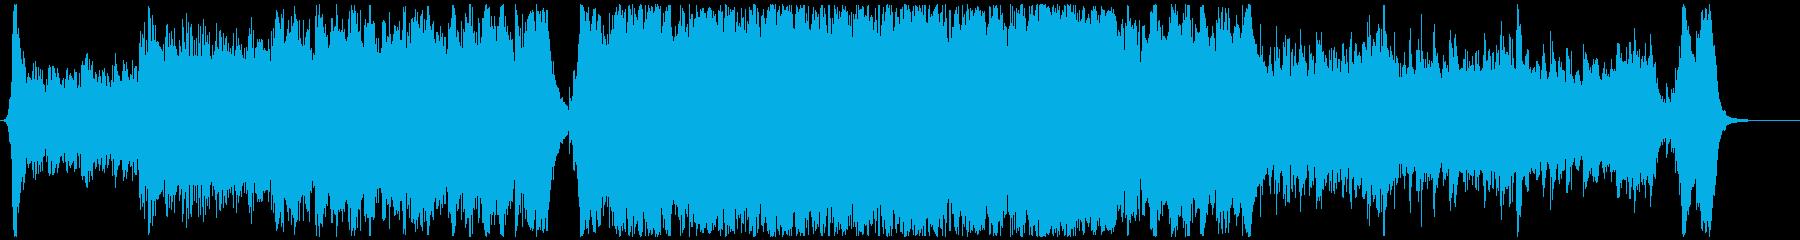 ハリウッド映画風の壮大なオーケストラ2Aの再生済みの波形